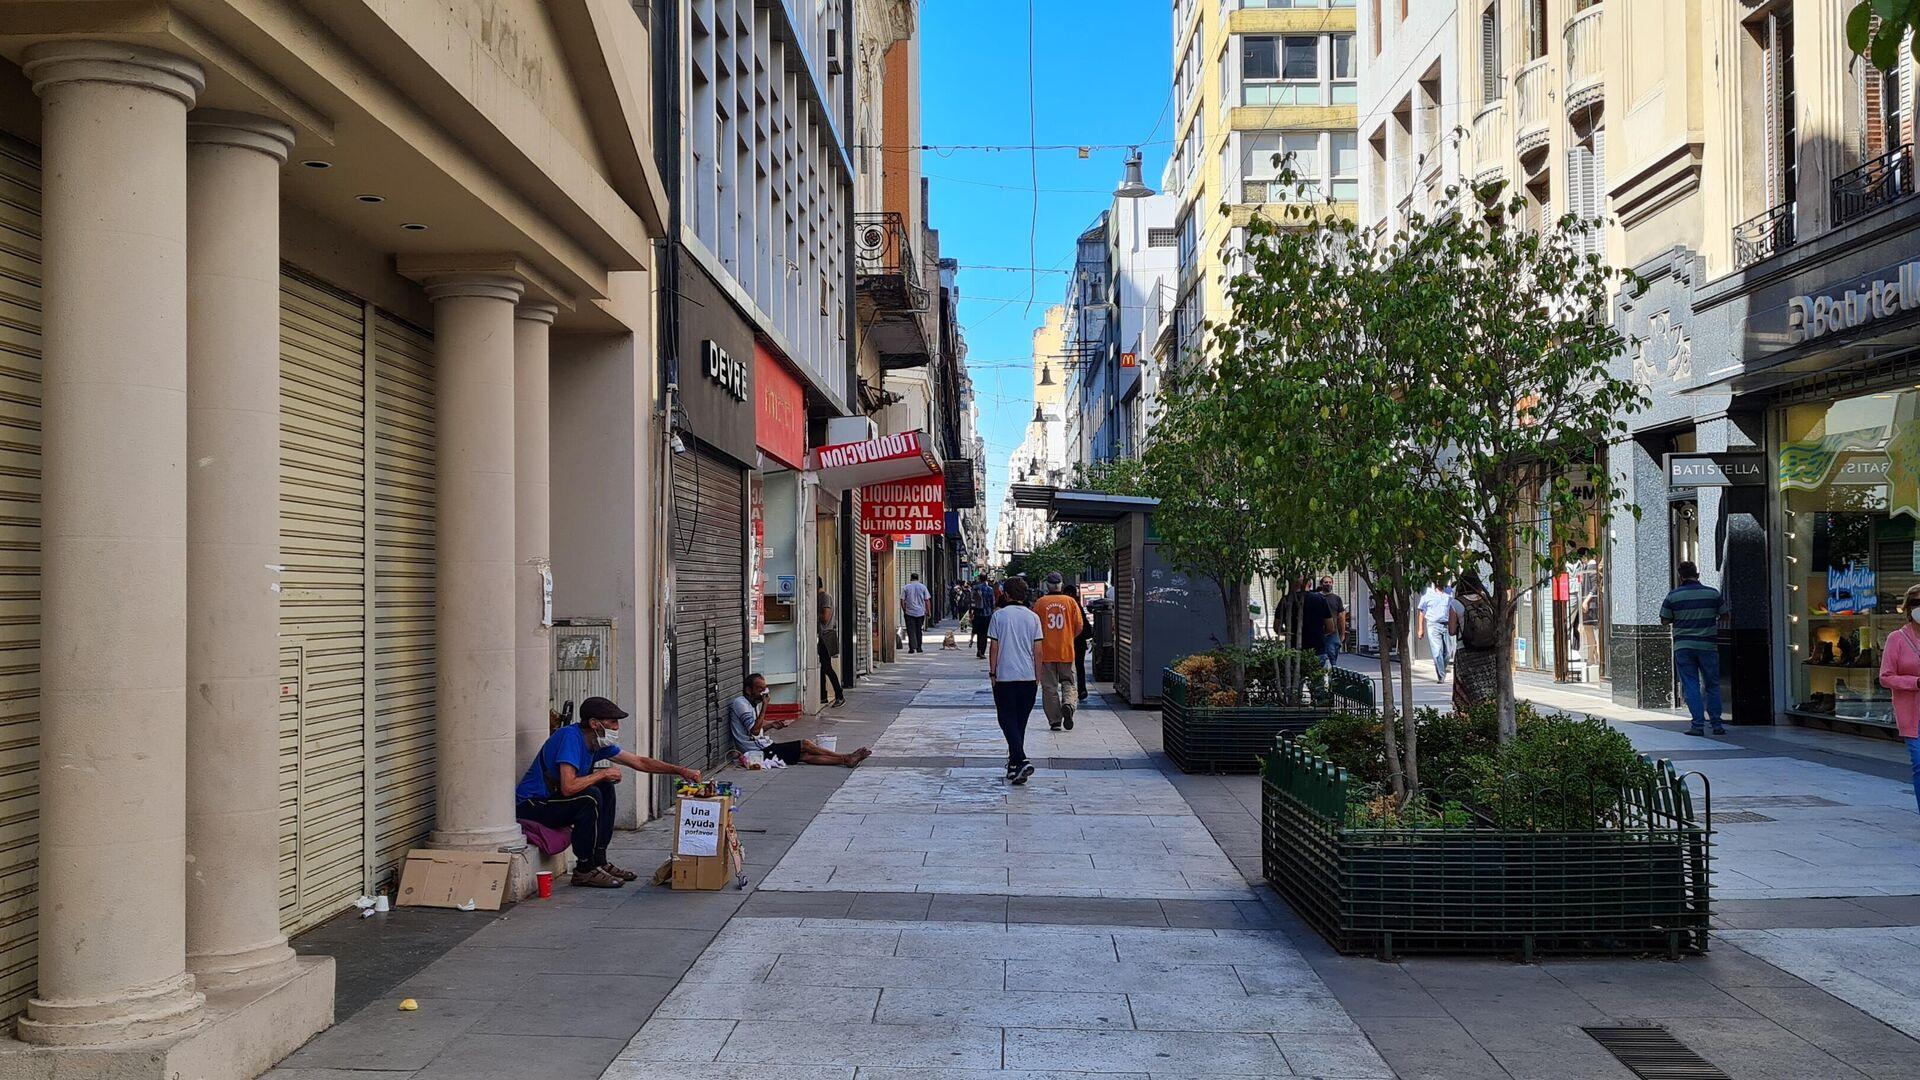 La peatonal más famosa de Buenos Aires perdió su bullicio y vivacidad - Sputnik Mundo, 1920, 25.02.2021